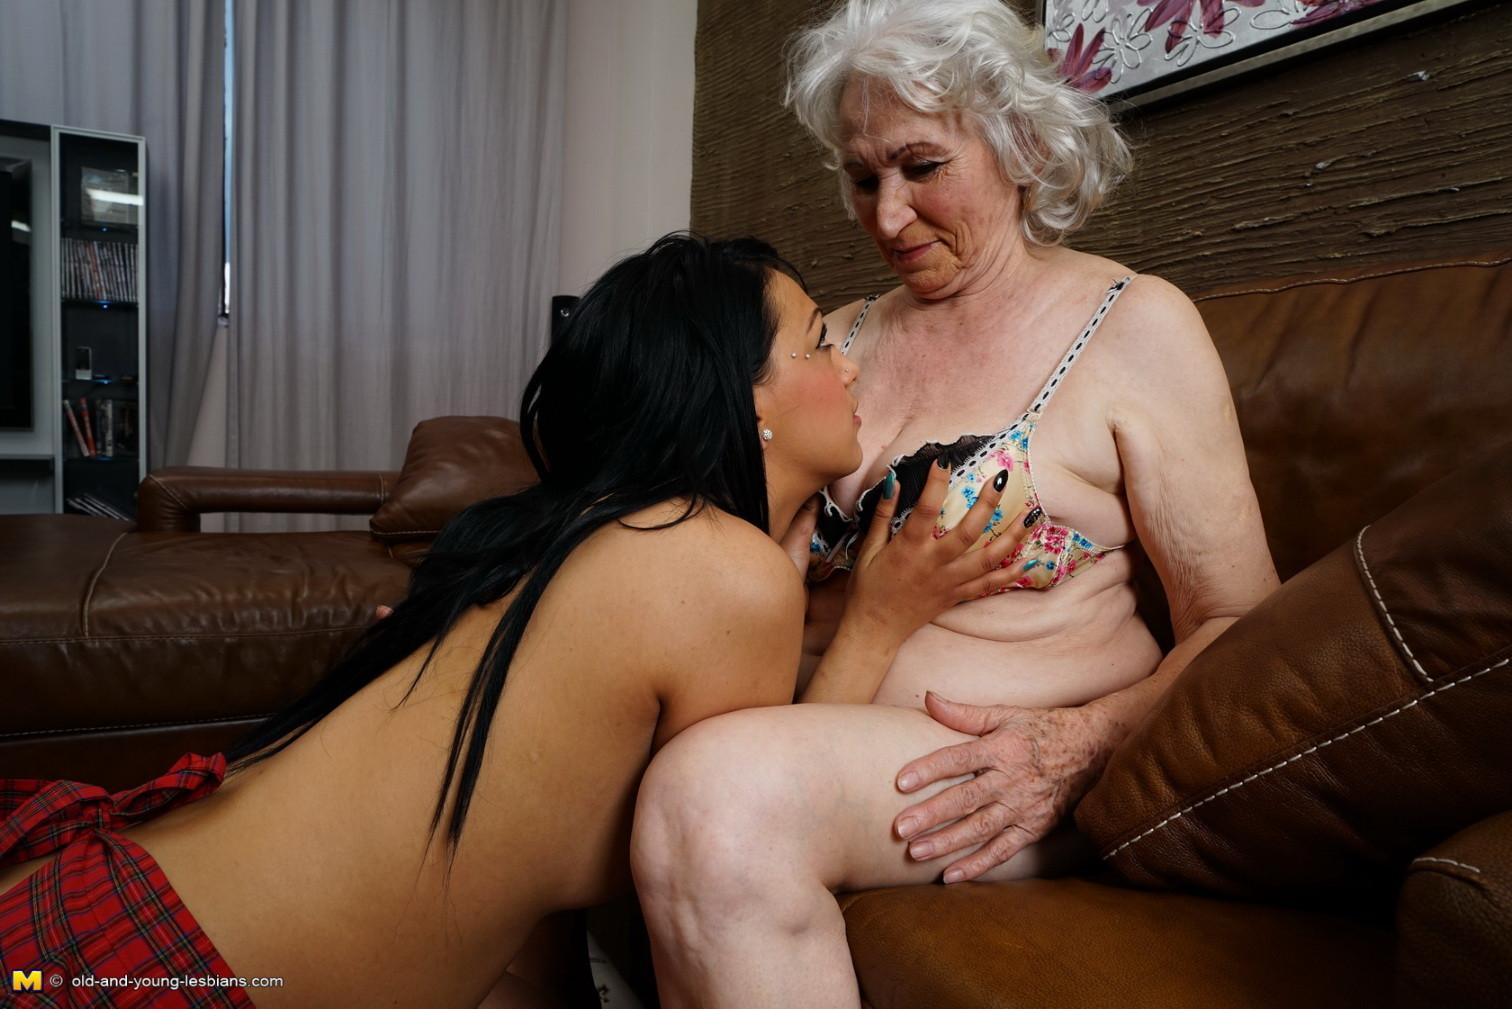 МАМКИ порно мамаши видео мамы бесплатно мамашки смотреть